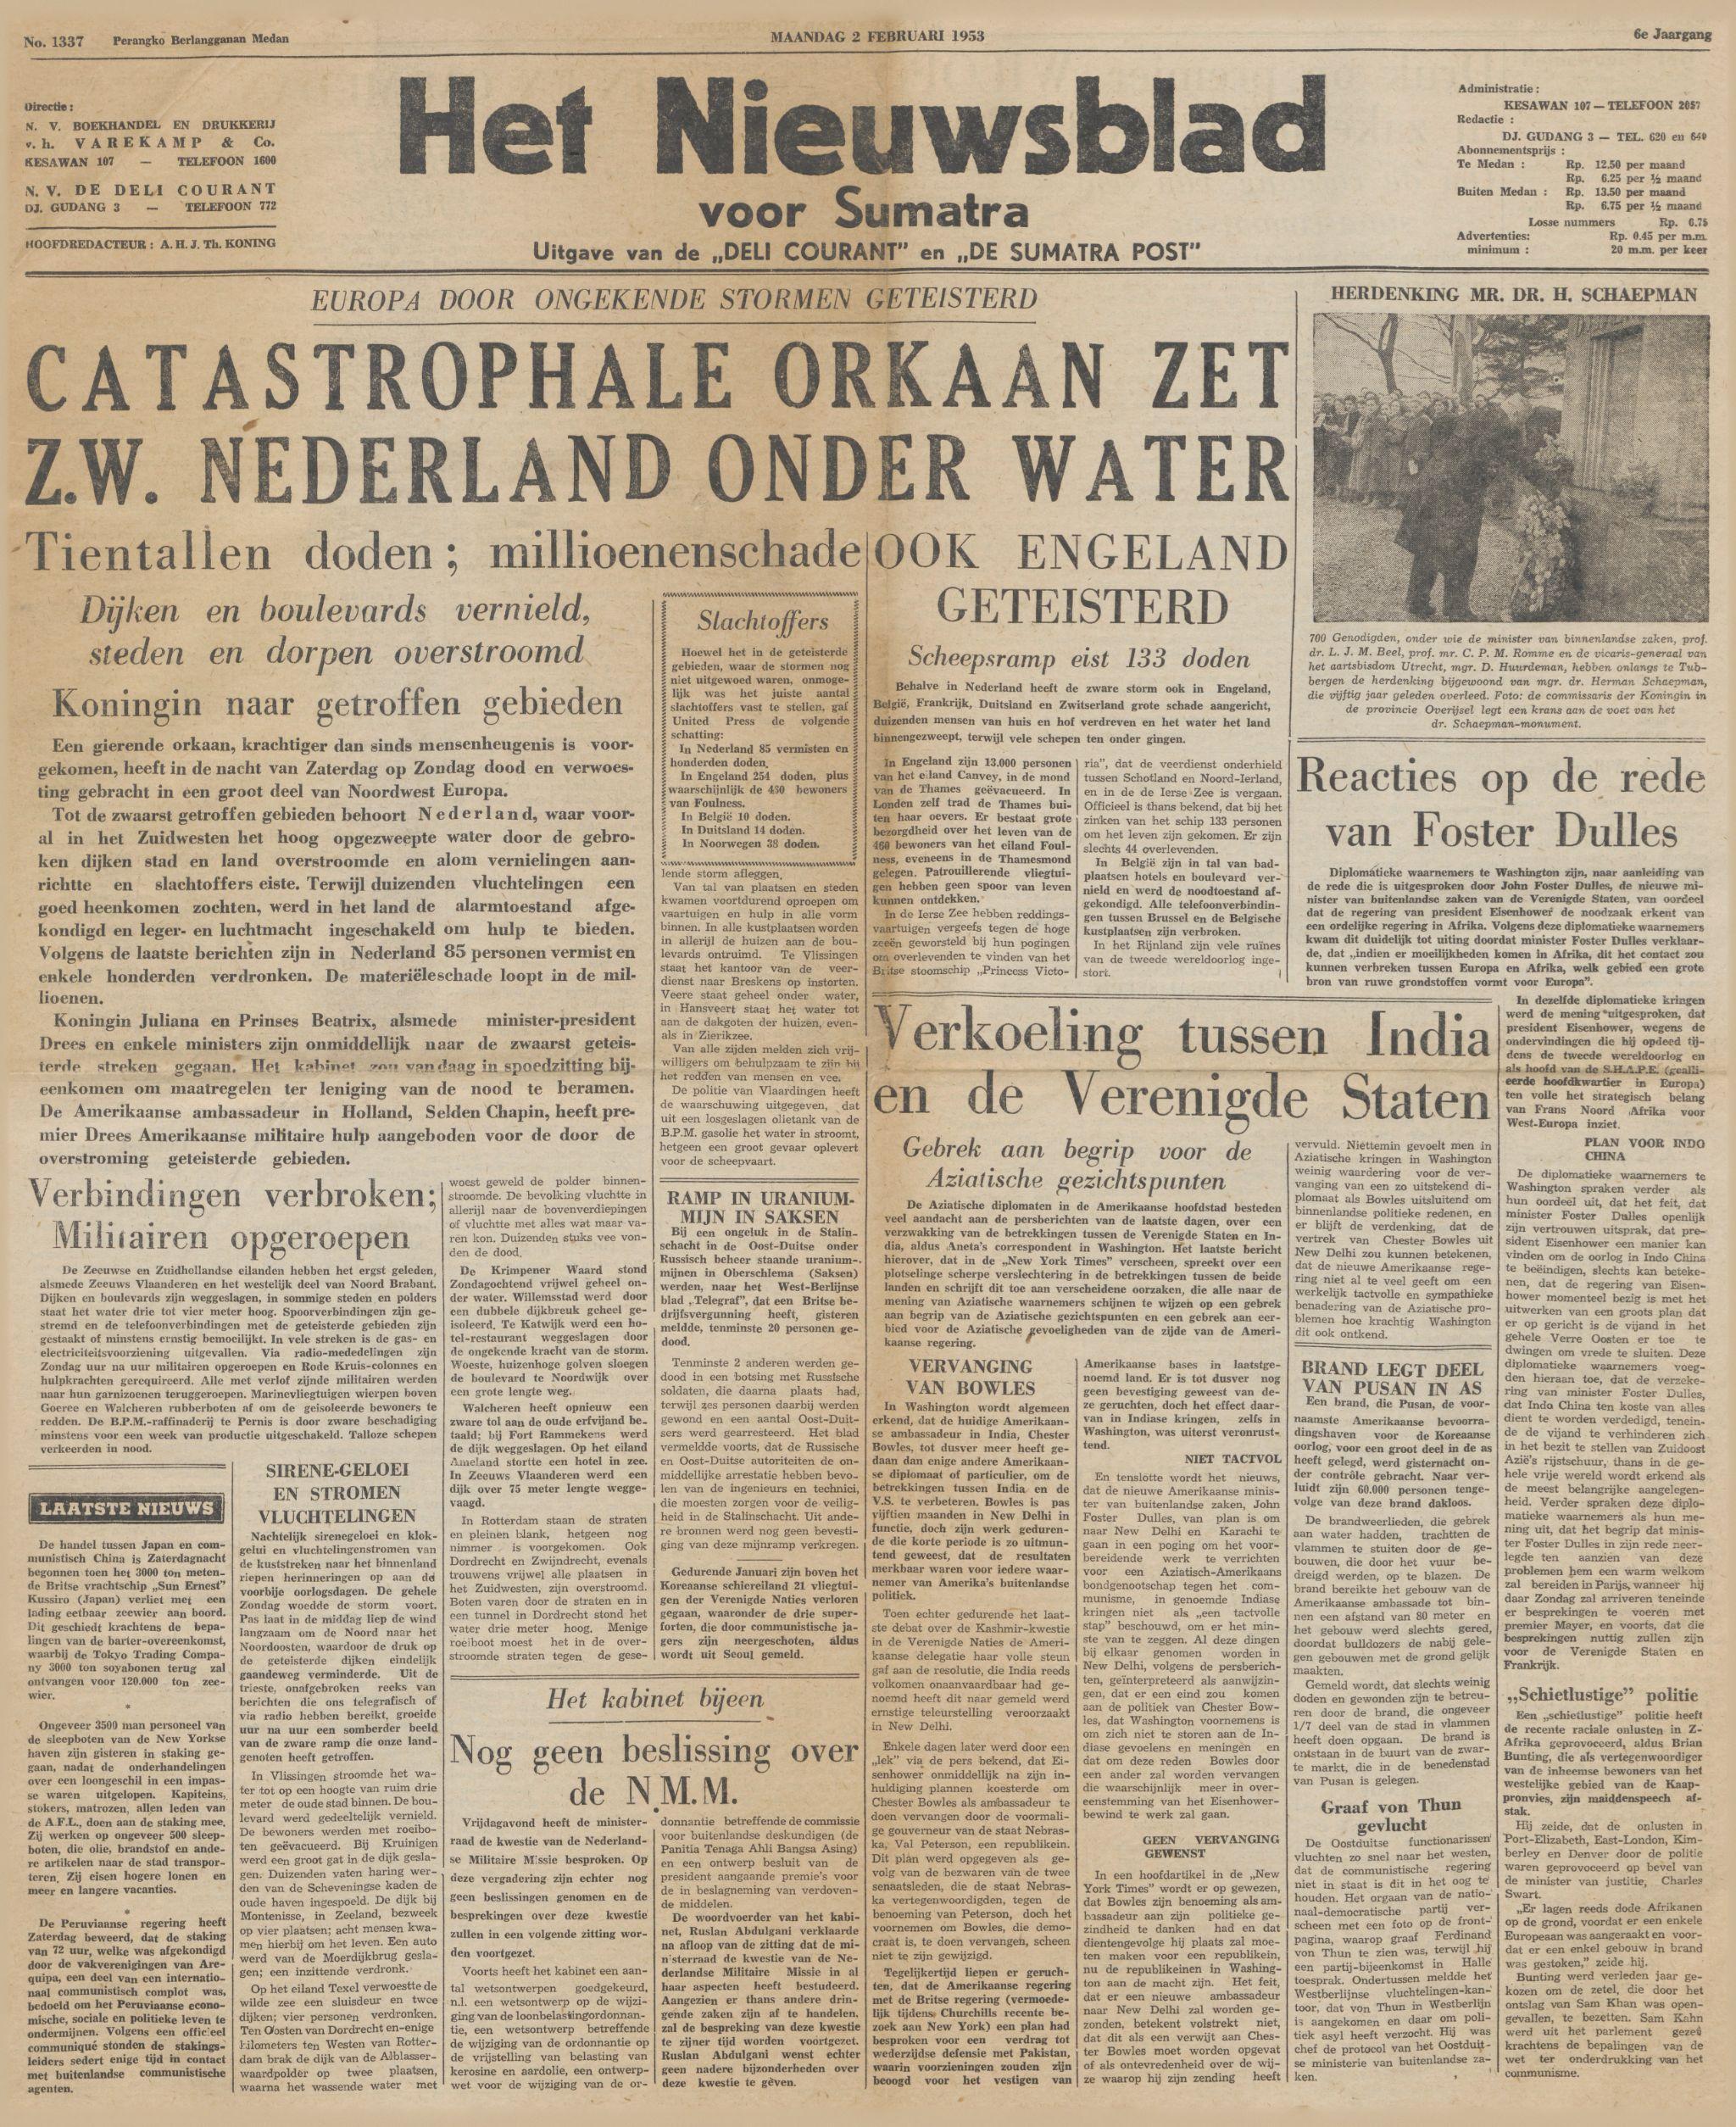 180131_168091_19530202_Nieuwsblad_voor_Sumatra.jpg